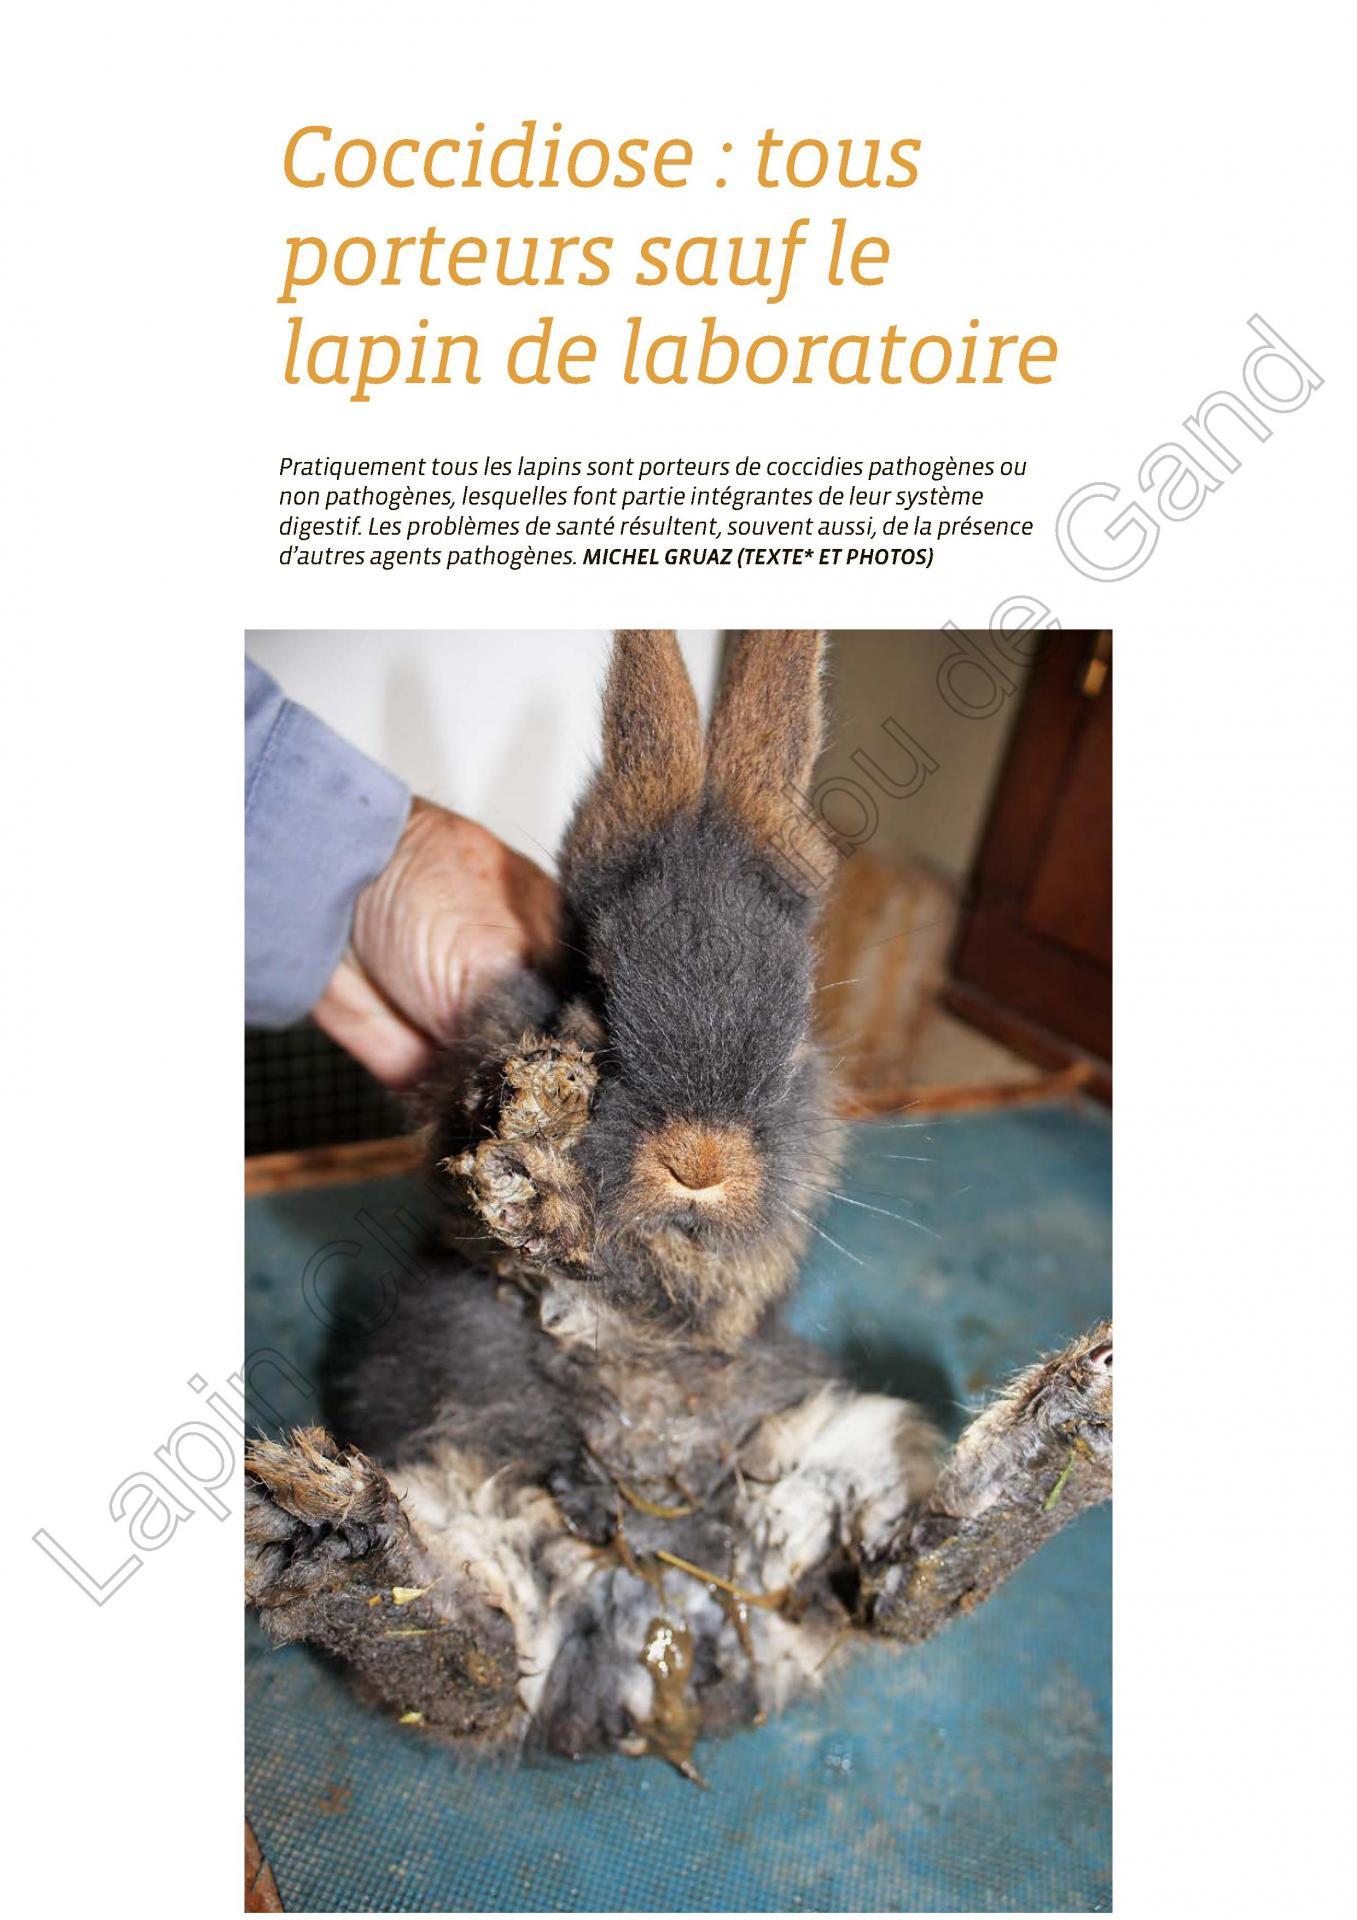 Coccidiose tous porteurs saufs le lapin de laboratoire 1